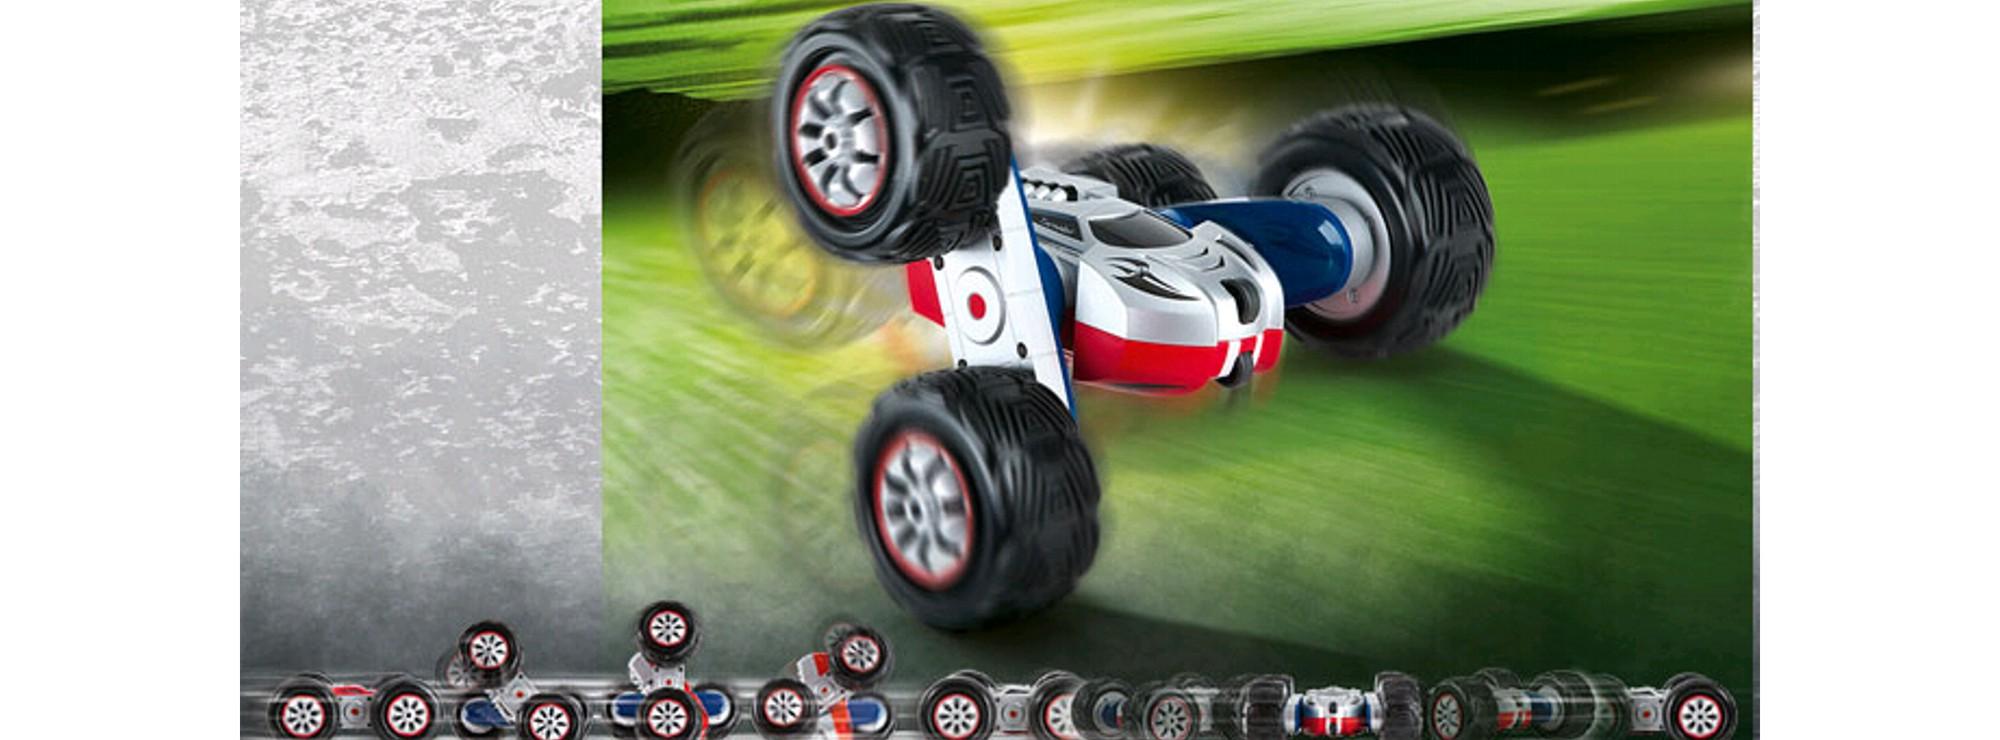 Carrera RC Turnator 2.4 GHz 1:16 Fahrzeug Flieger günstig kaufen Alle Artikel in Elektrisches Spielzeug